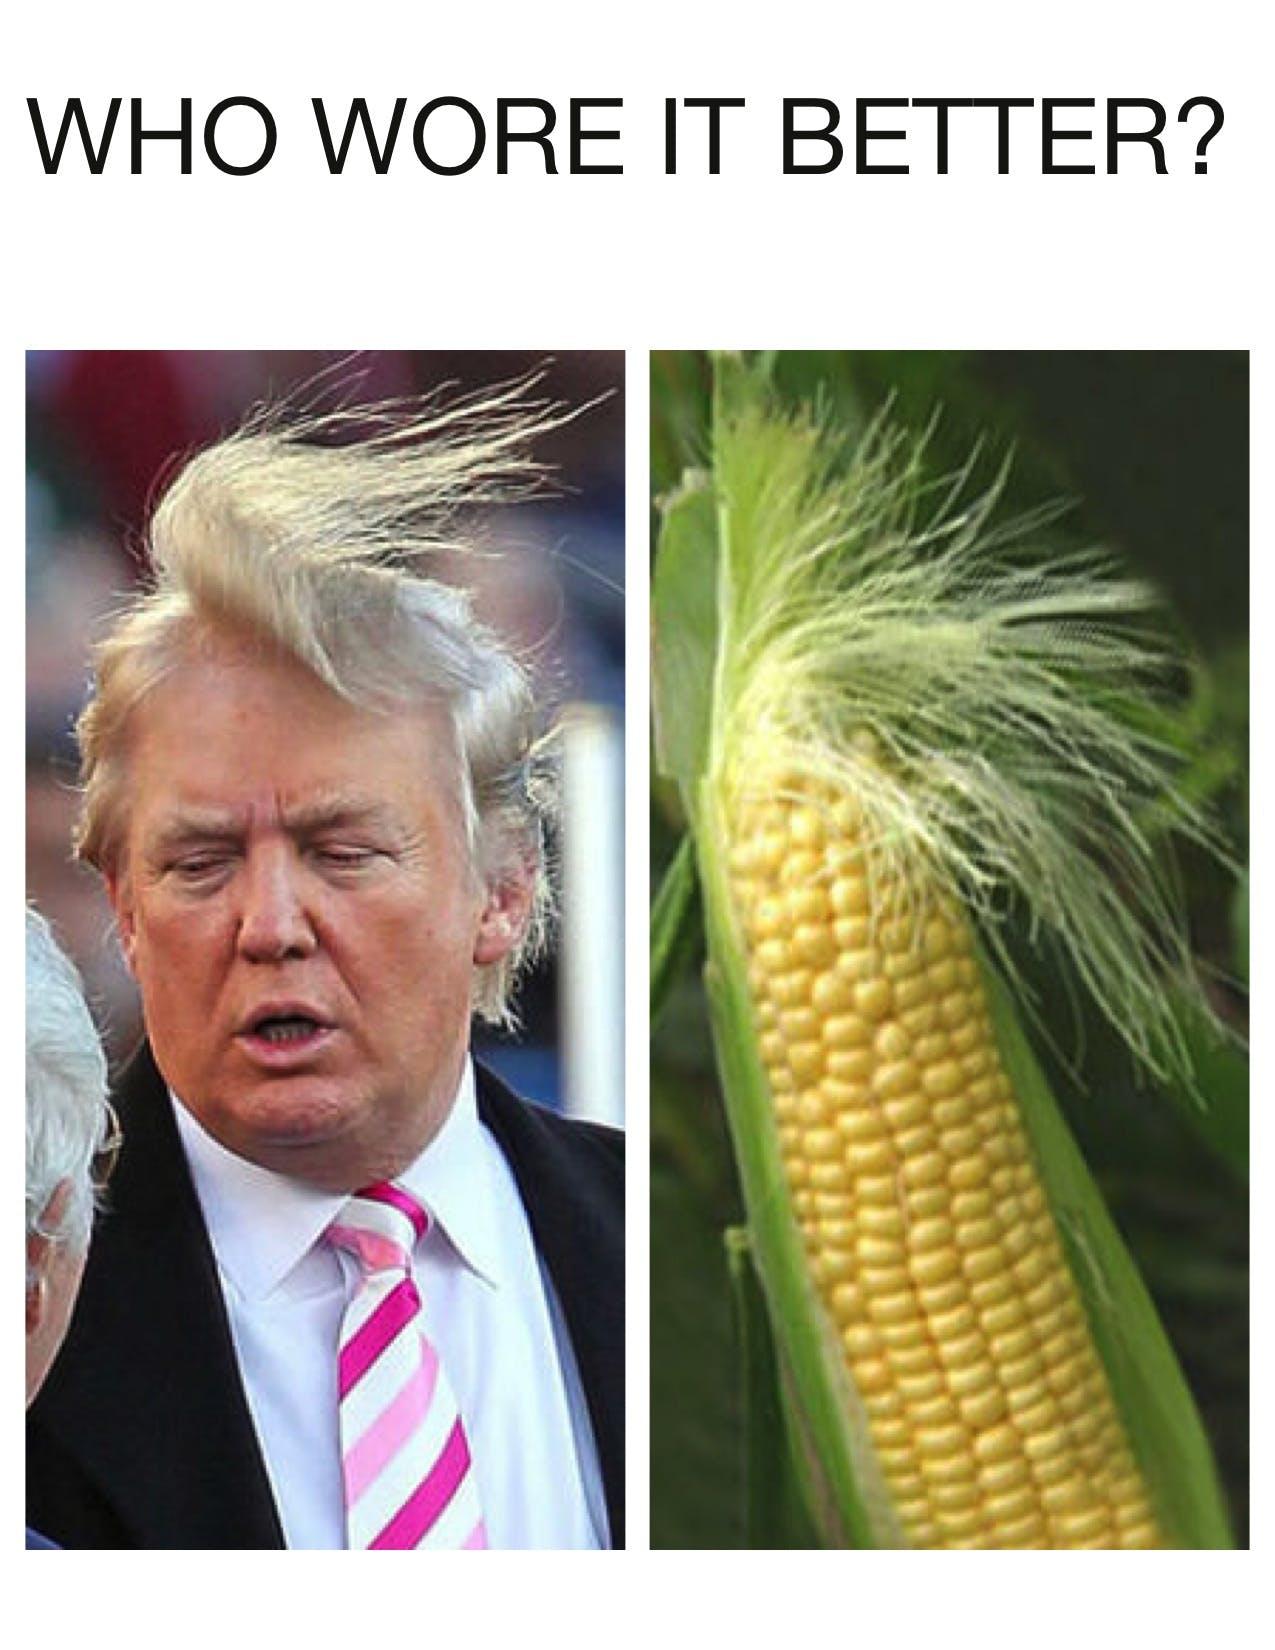 Easy comparison